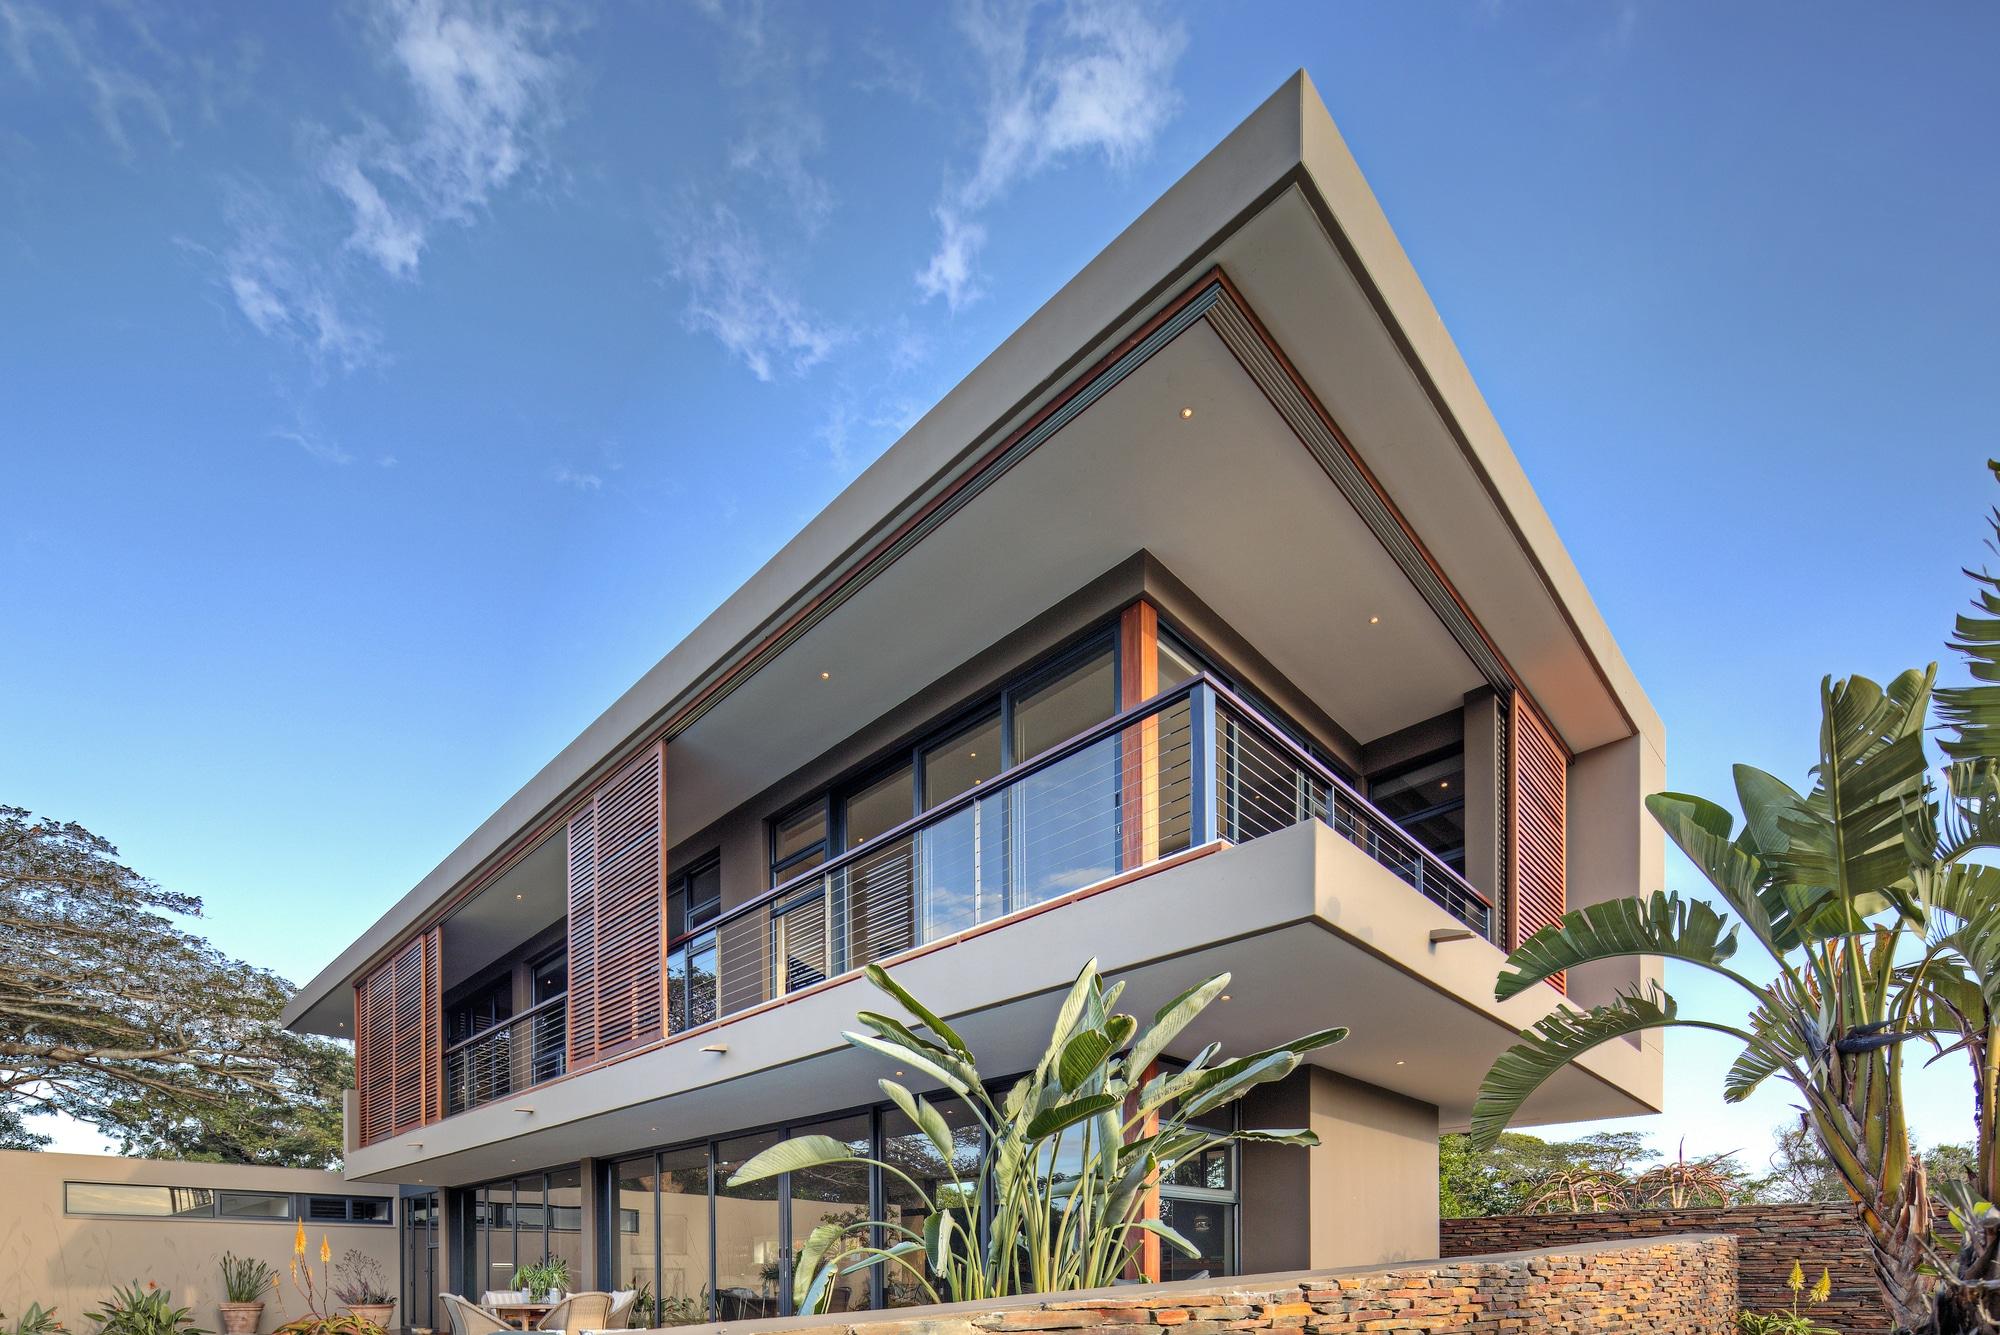 Casa moderna de dos pisos con planos for Casas modernas de dos pisos